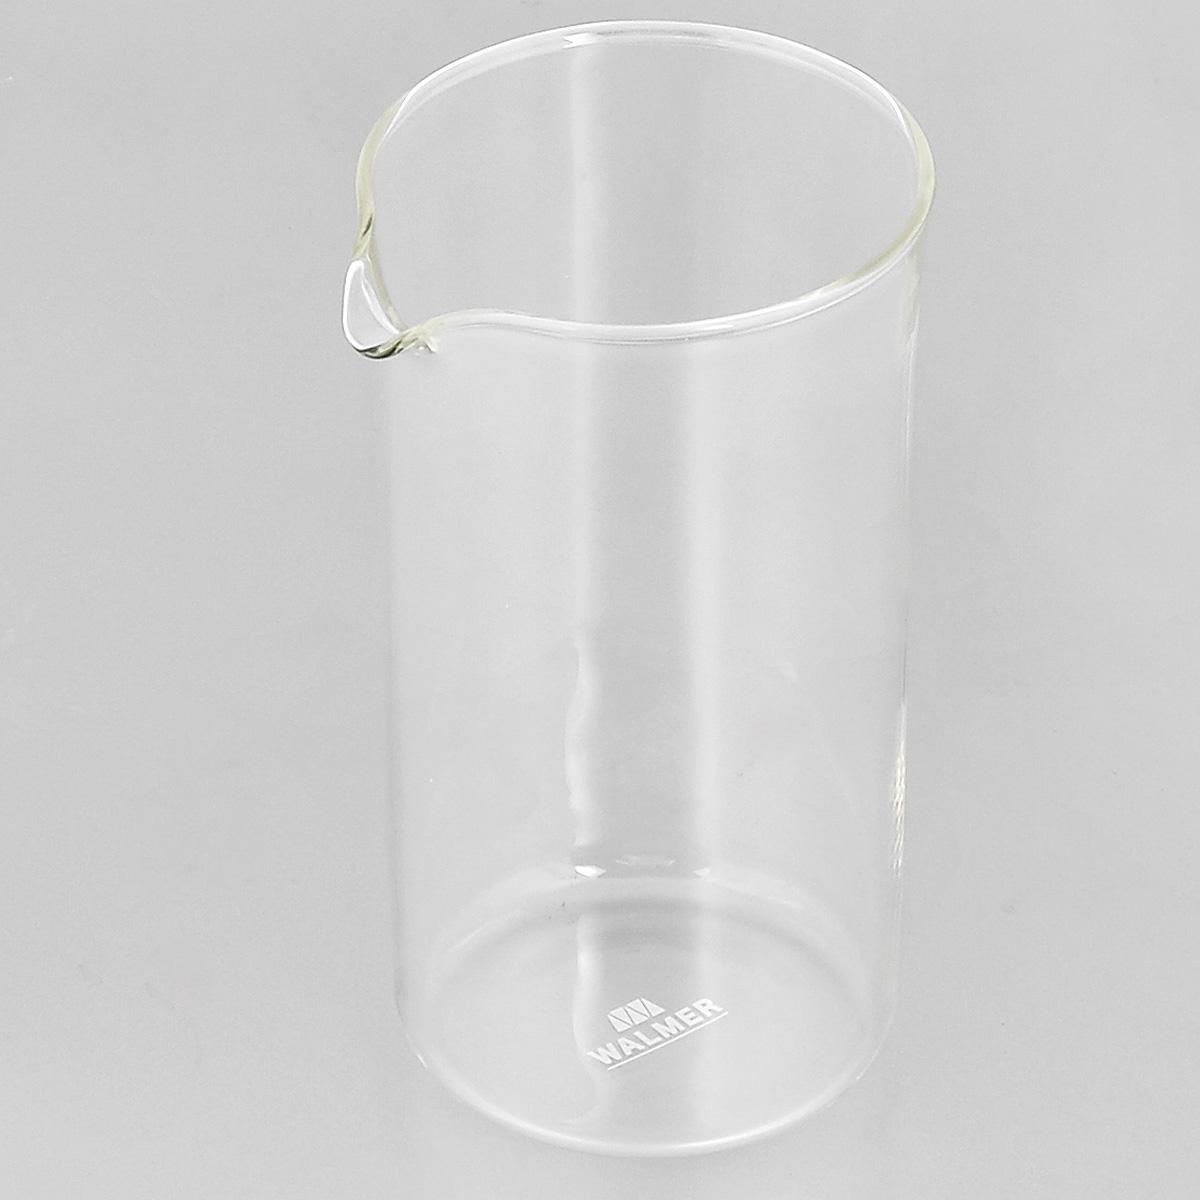 """Колба """"Walmer"""", изготовленная из высококачественного прозрачного стекла, предназначена для кофейников и френч-прессов. Изделие прекрасно подойдет для замены старой разбитой колбы. Это сосуд, который напрямую контактирует с напитком, поэтому он должен быть выполнен из качественных материалов. Изделие выдерживает высокие температуры и не мутнеет при многократном мытье. Данная колба прослужит вам надежно и долго.Можно мыть в посудомоечной машине.Диаметр: 7 см.Высота: 13,5 см.Объем: 350 мл."""